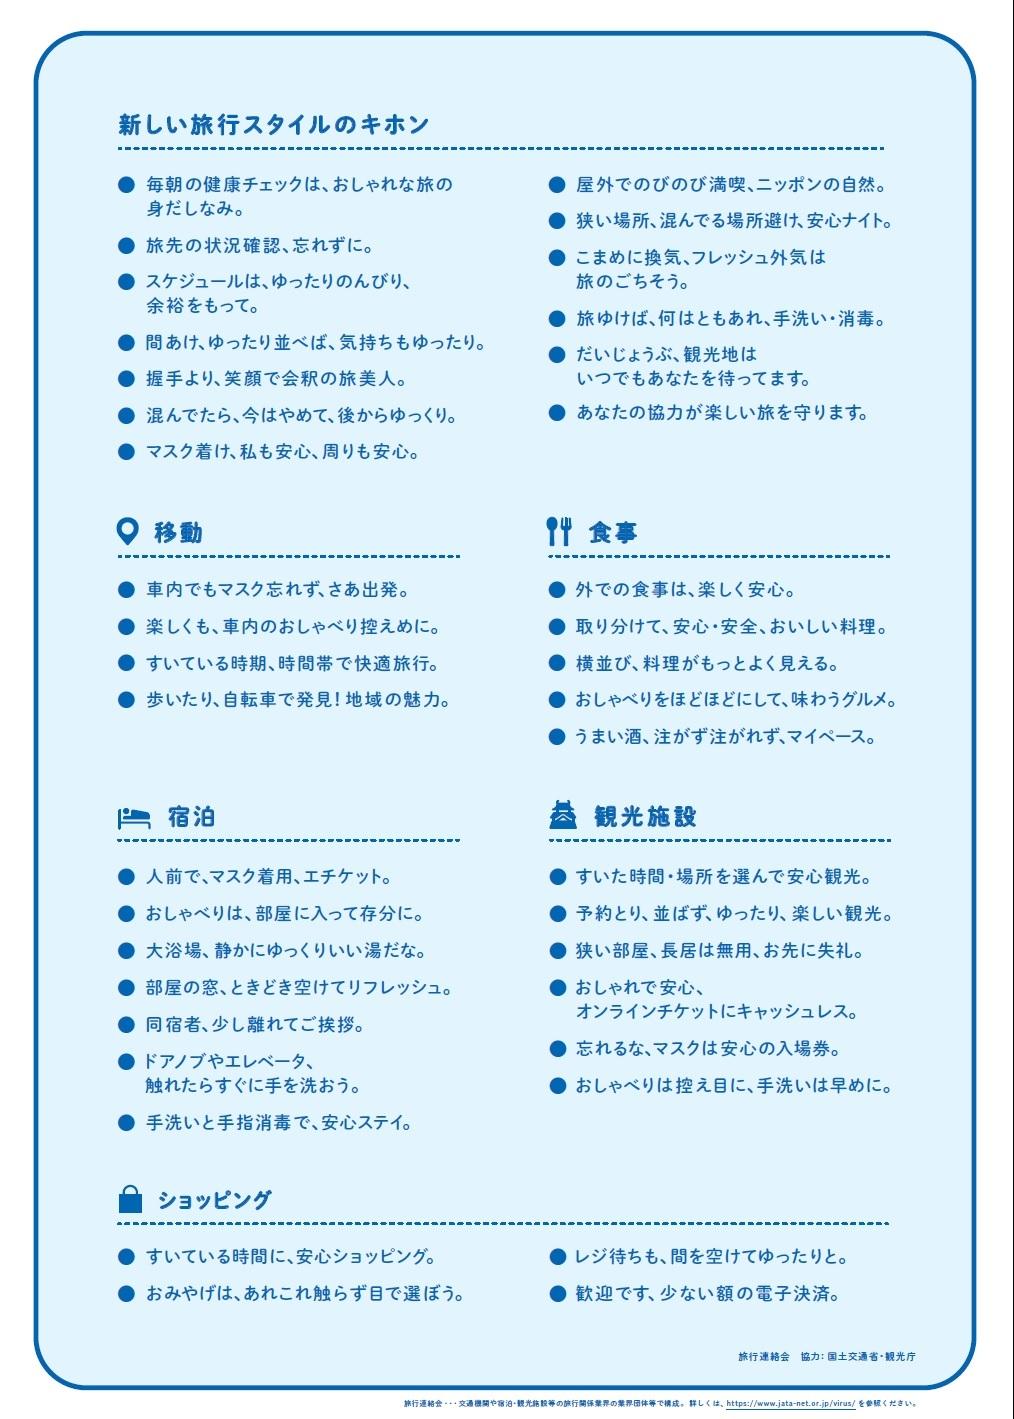 晴耕雨読_c0176838_21060454.jpg